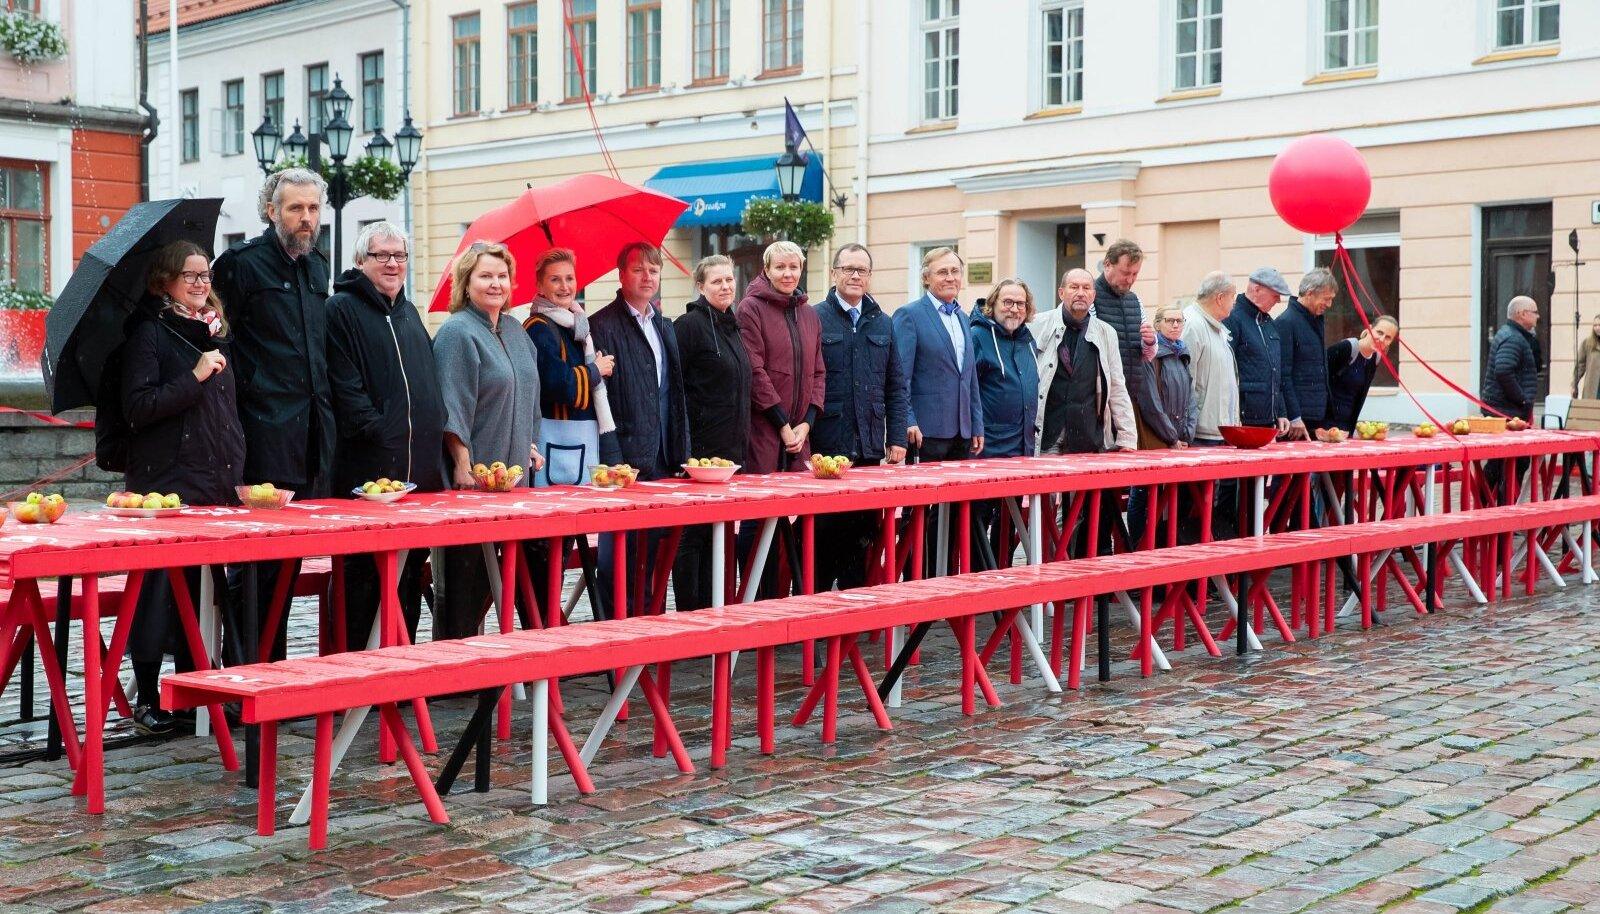 Festival avati vihma kiuste Tartu Raekoja platsil pika laua taga.